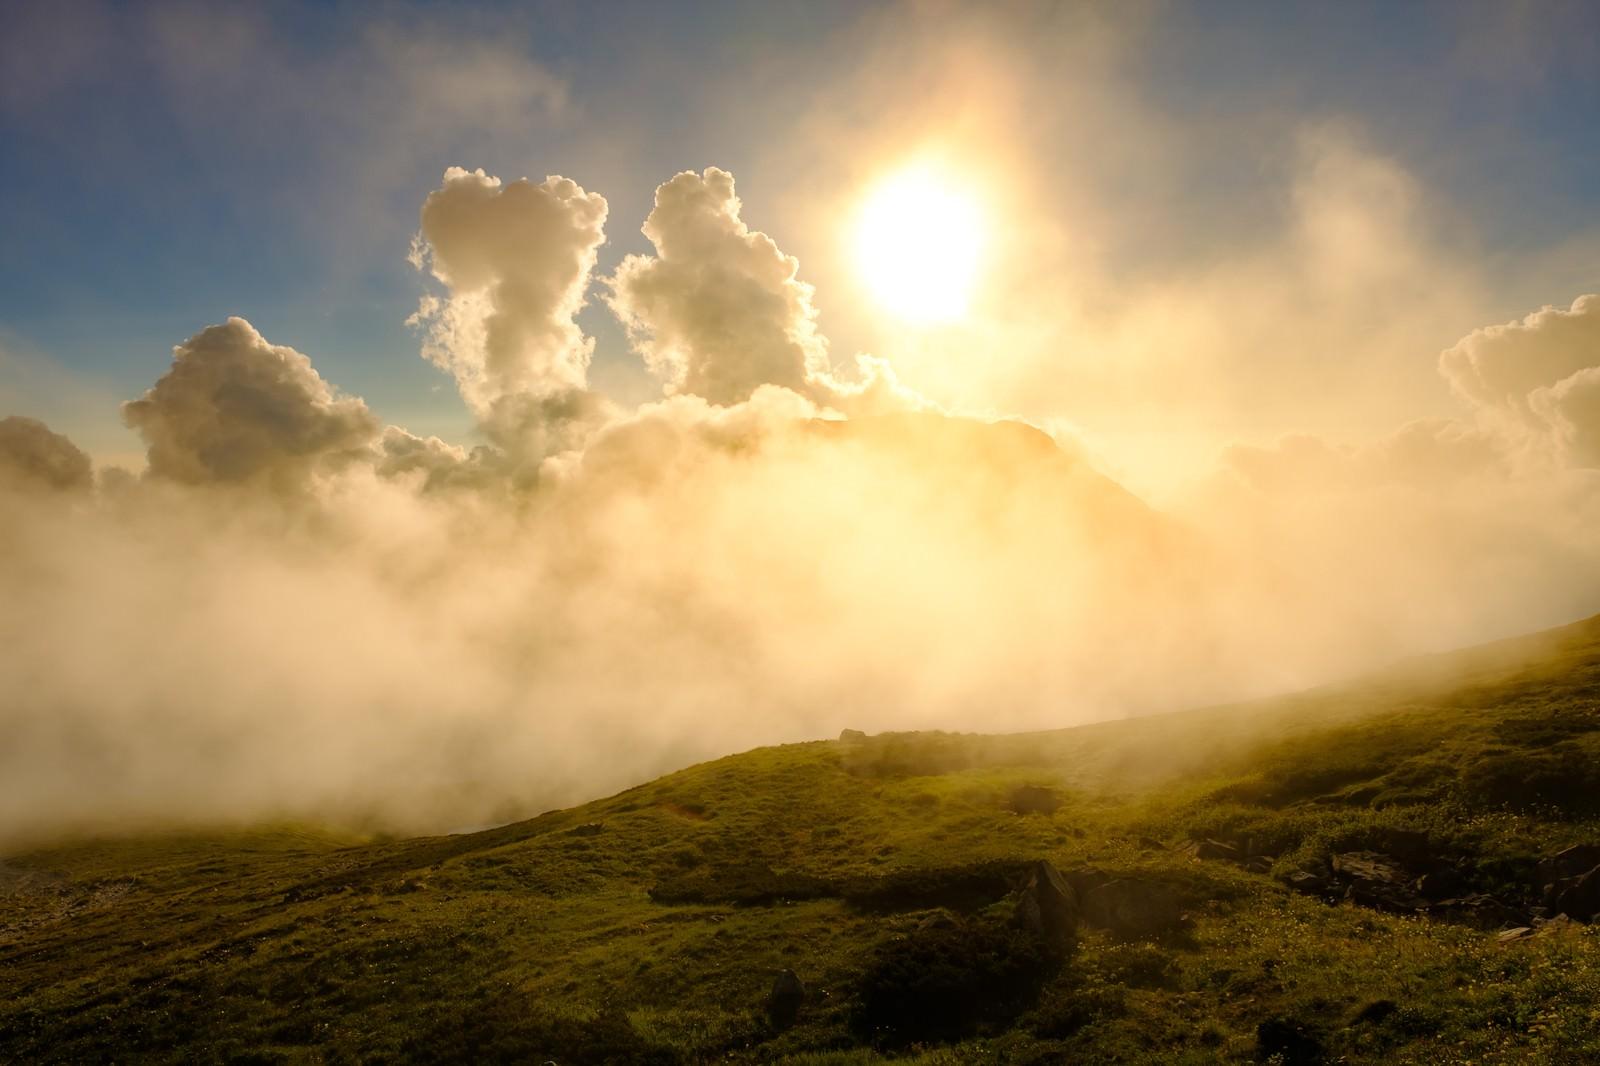 「白馬岳稜線の沸き立つ雲の中の夕日 | 写真の無料素材・フリー素材 - ぱくたそ」の写真